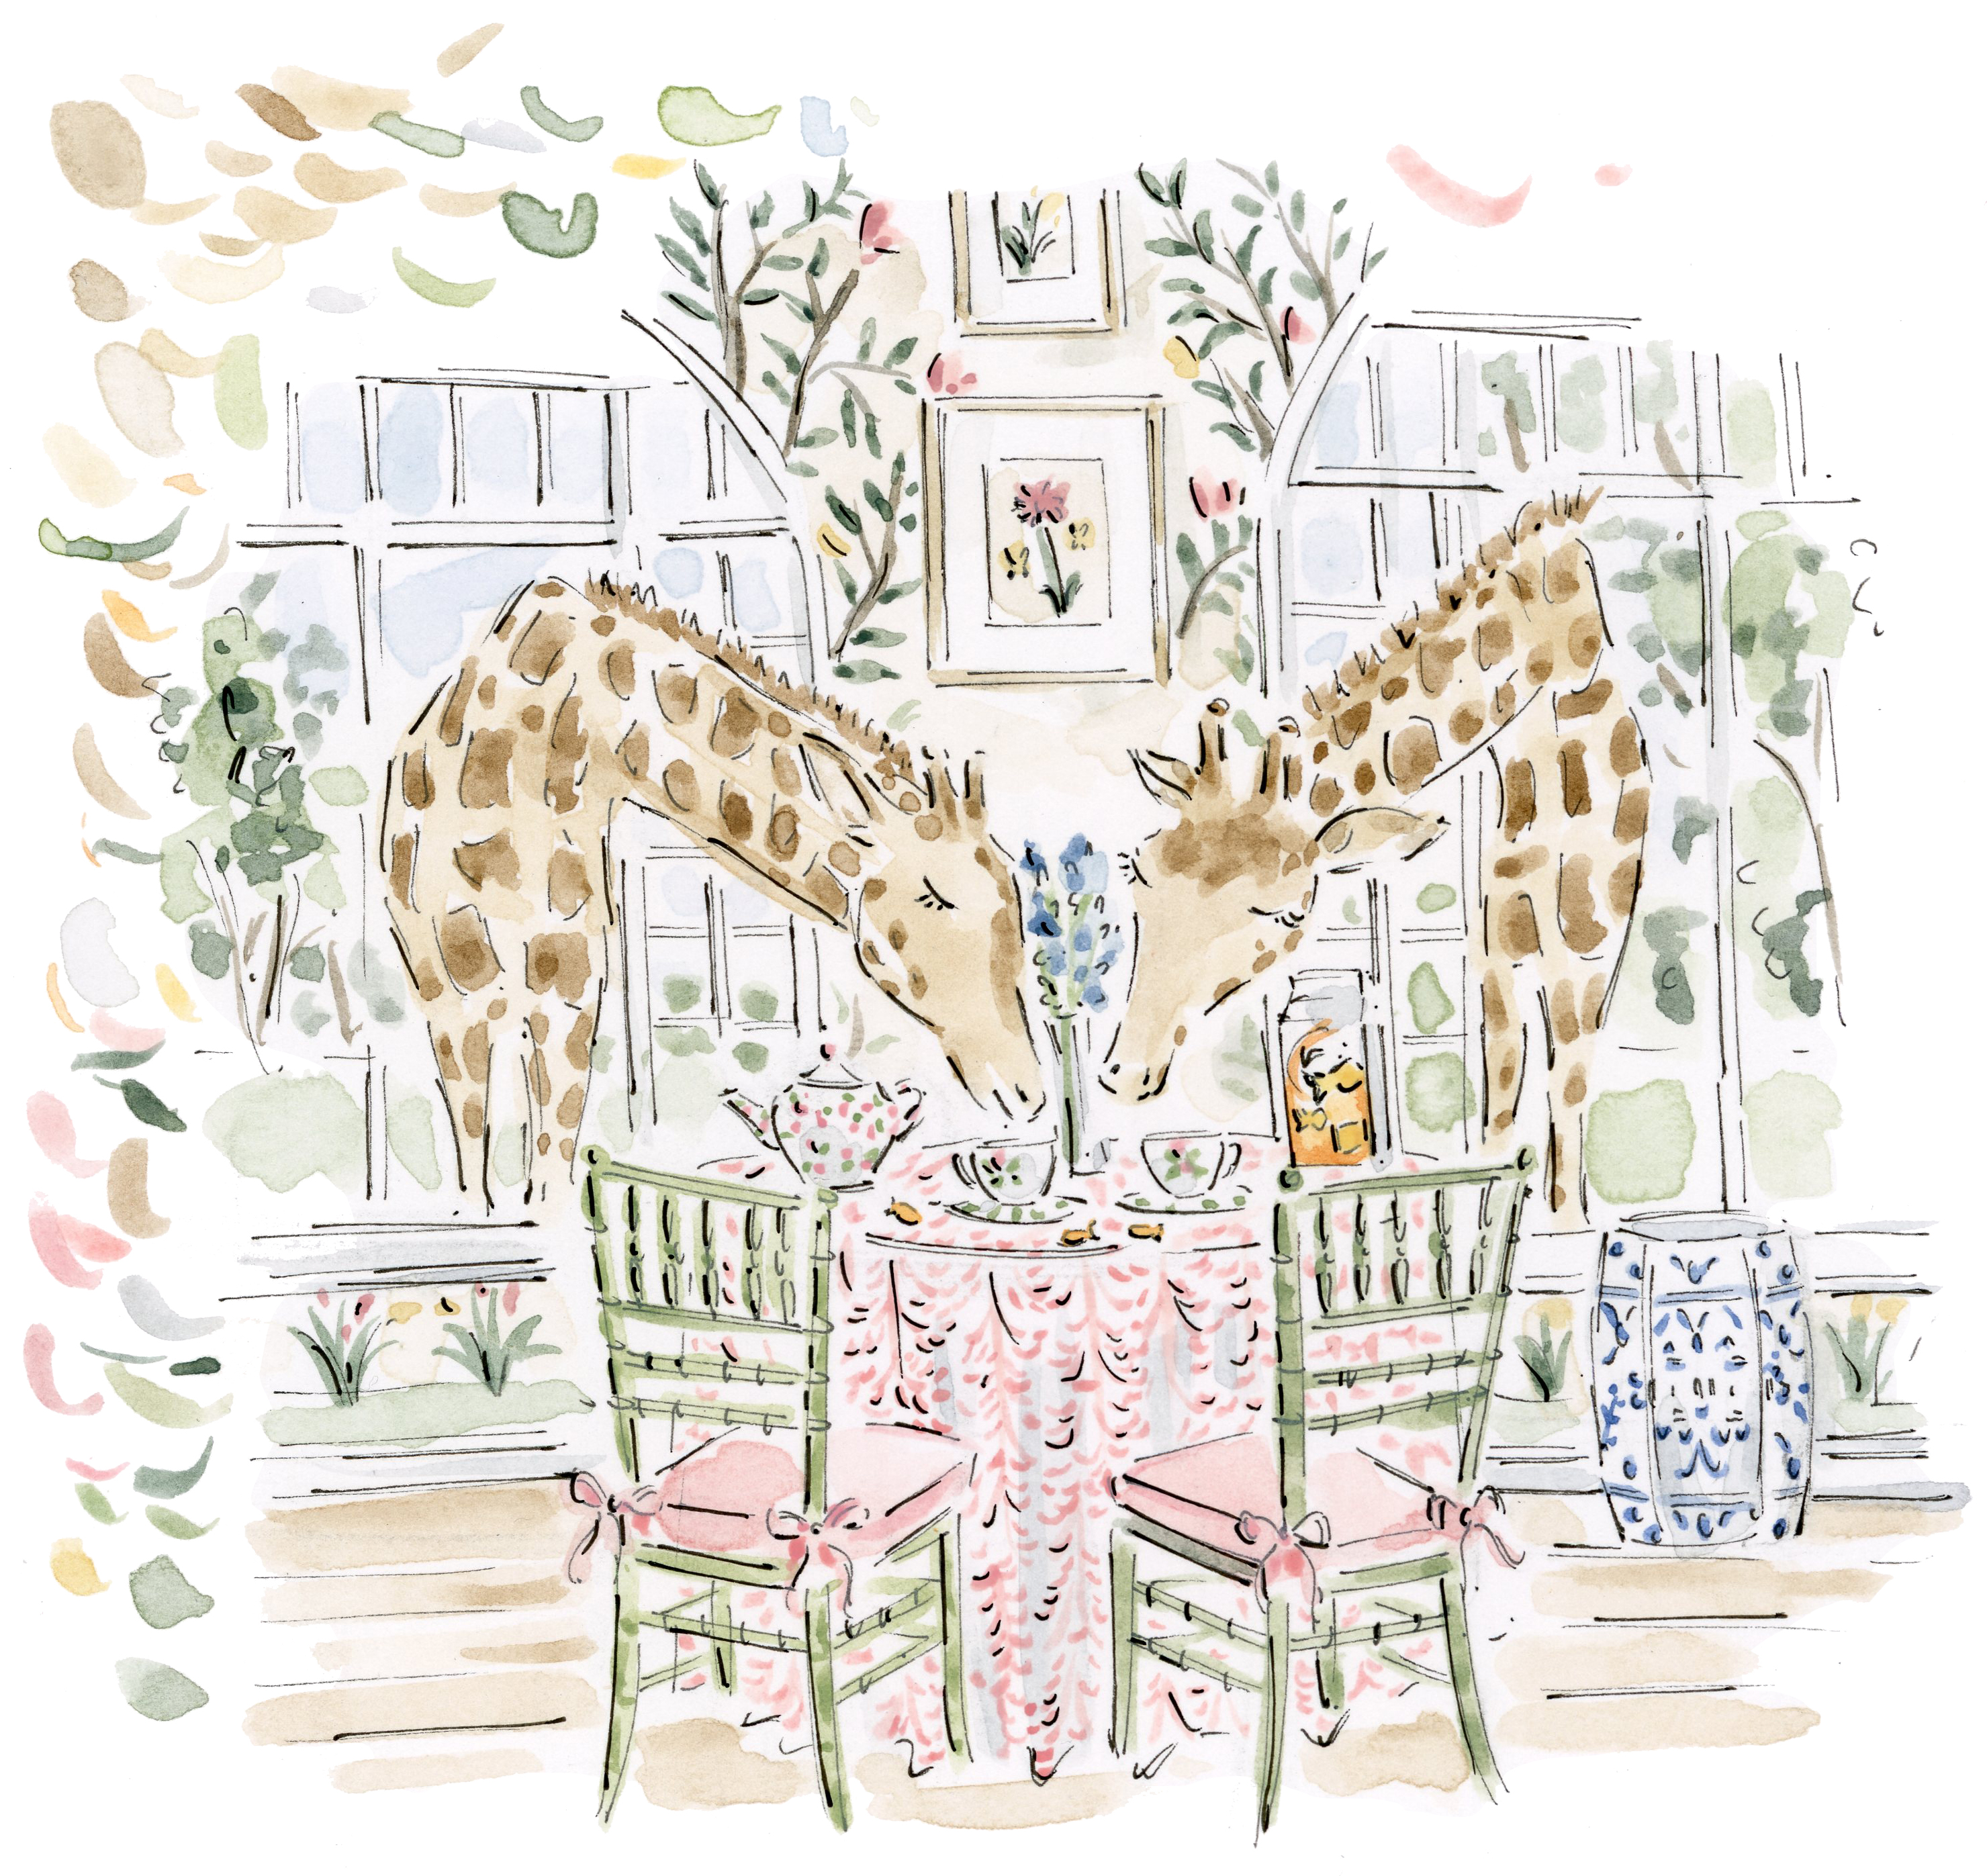 Giraffes having tea